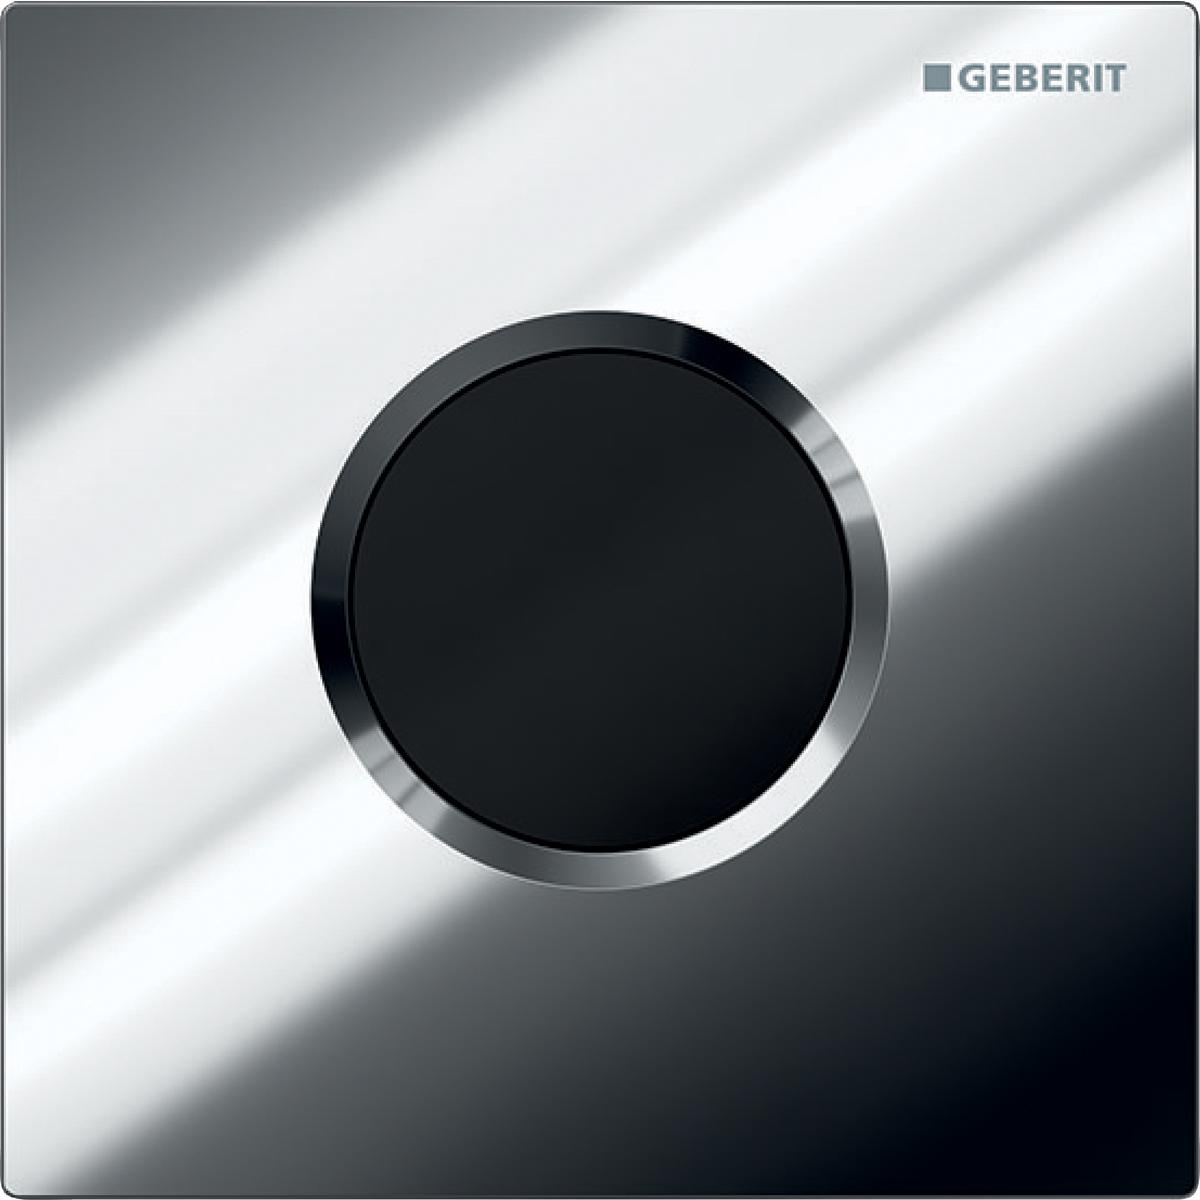 купить GEBERIT Sigma 01 116.031.21.5  (130x130мм)